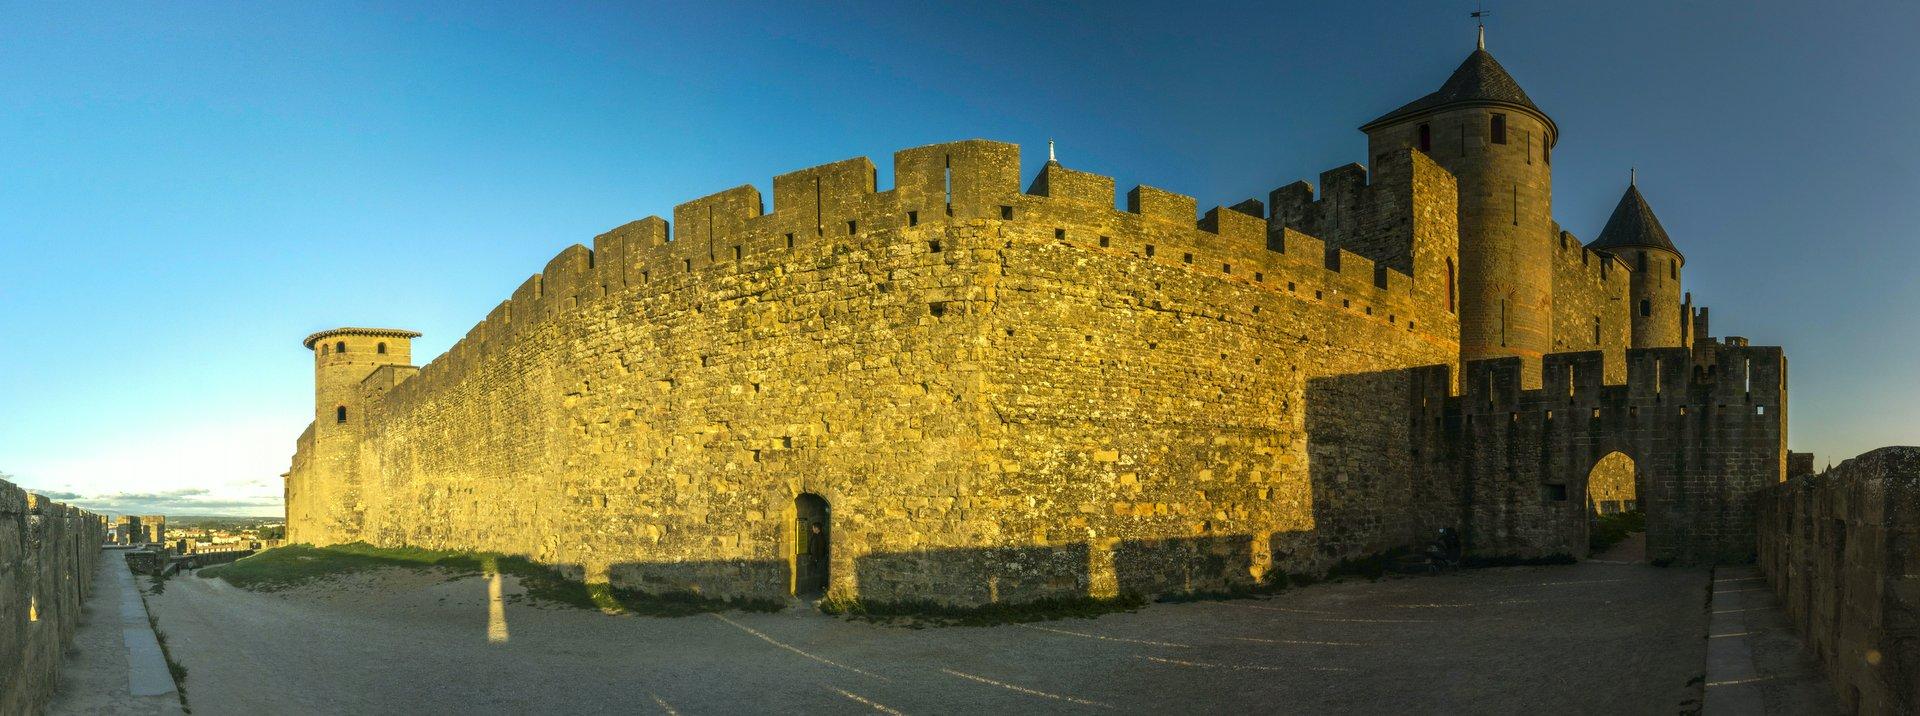 Tour de la Charpenterie und Château Comtal in der Cité Carcassonne